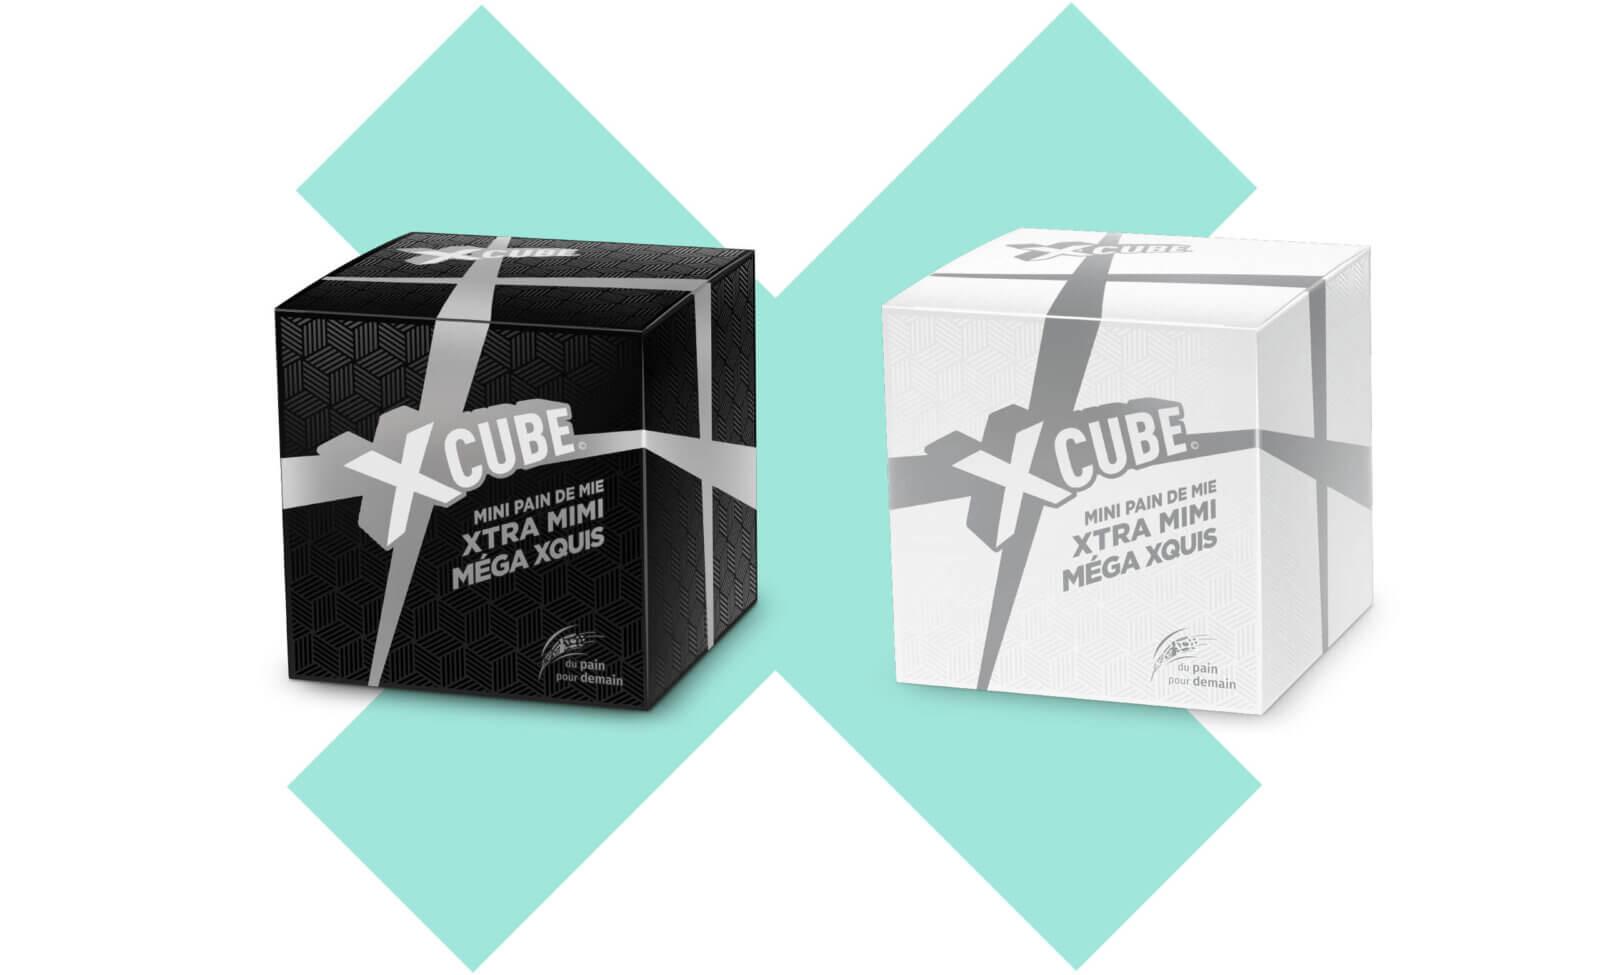 visuel packaging X Cube